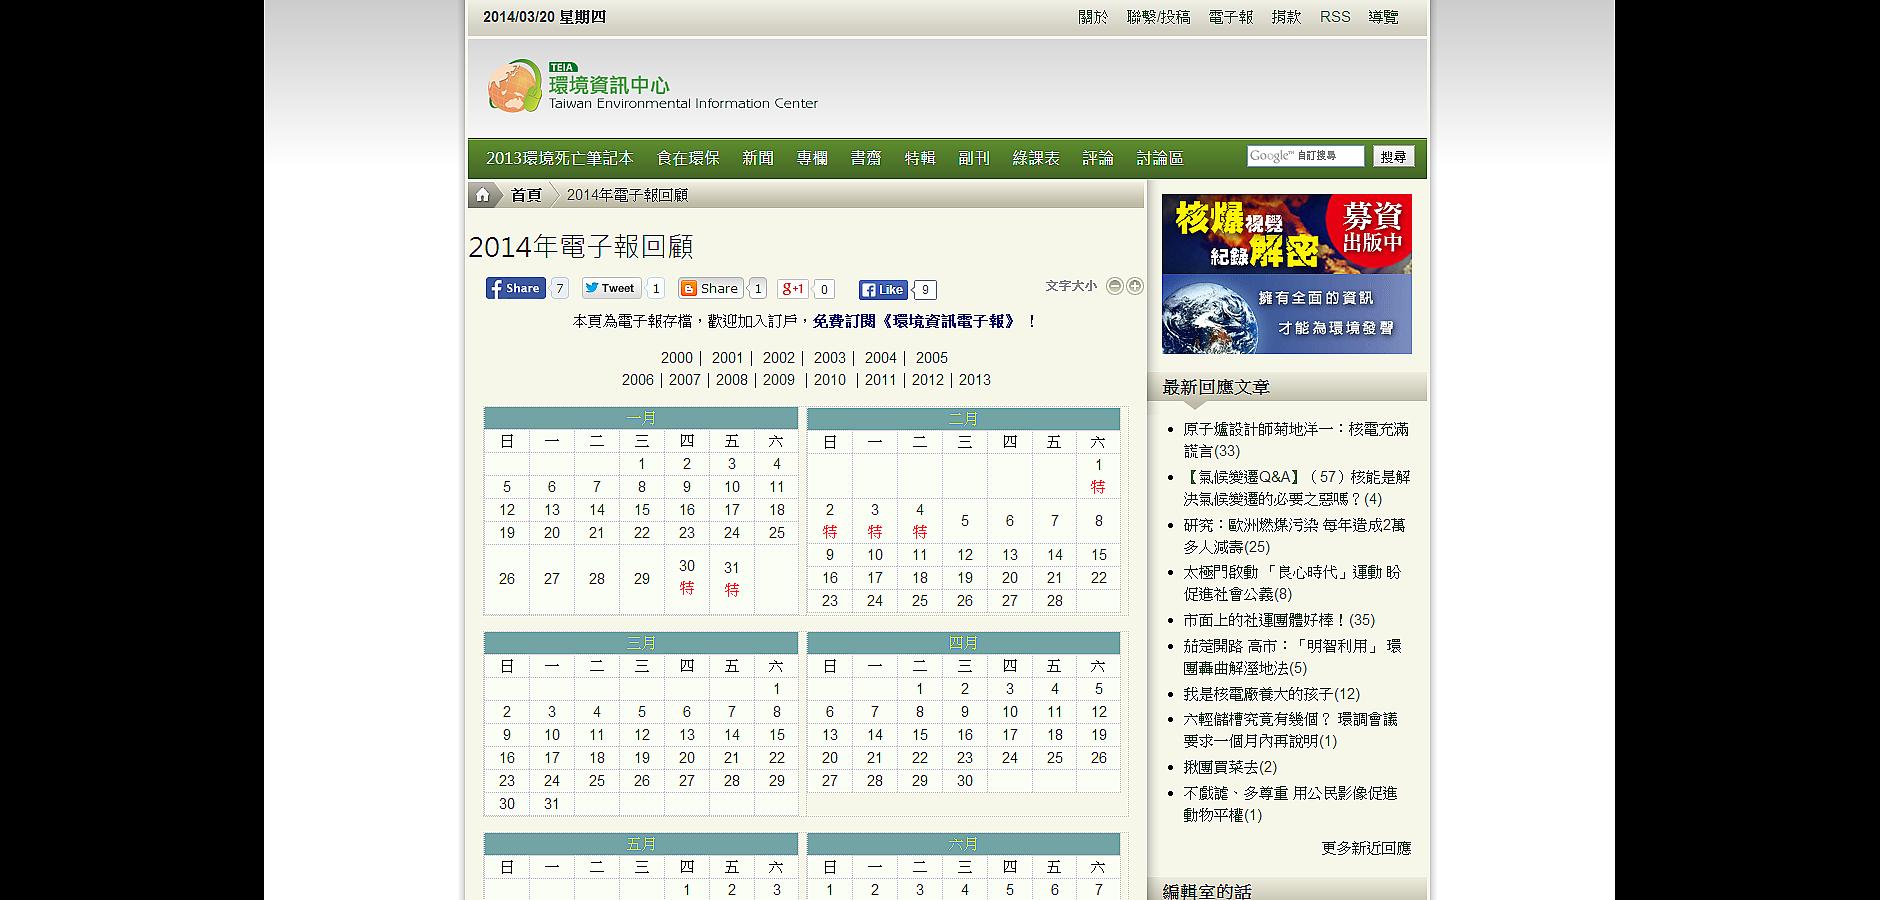 2014電子報回顧